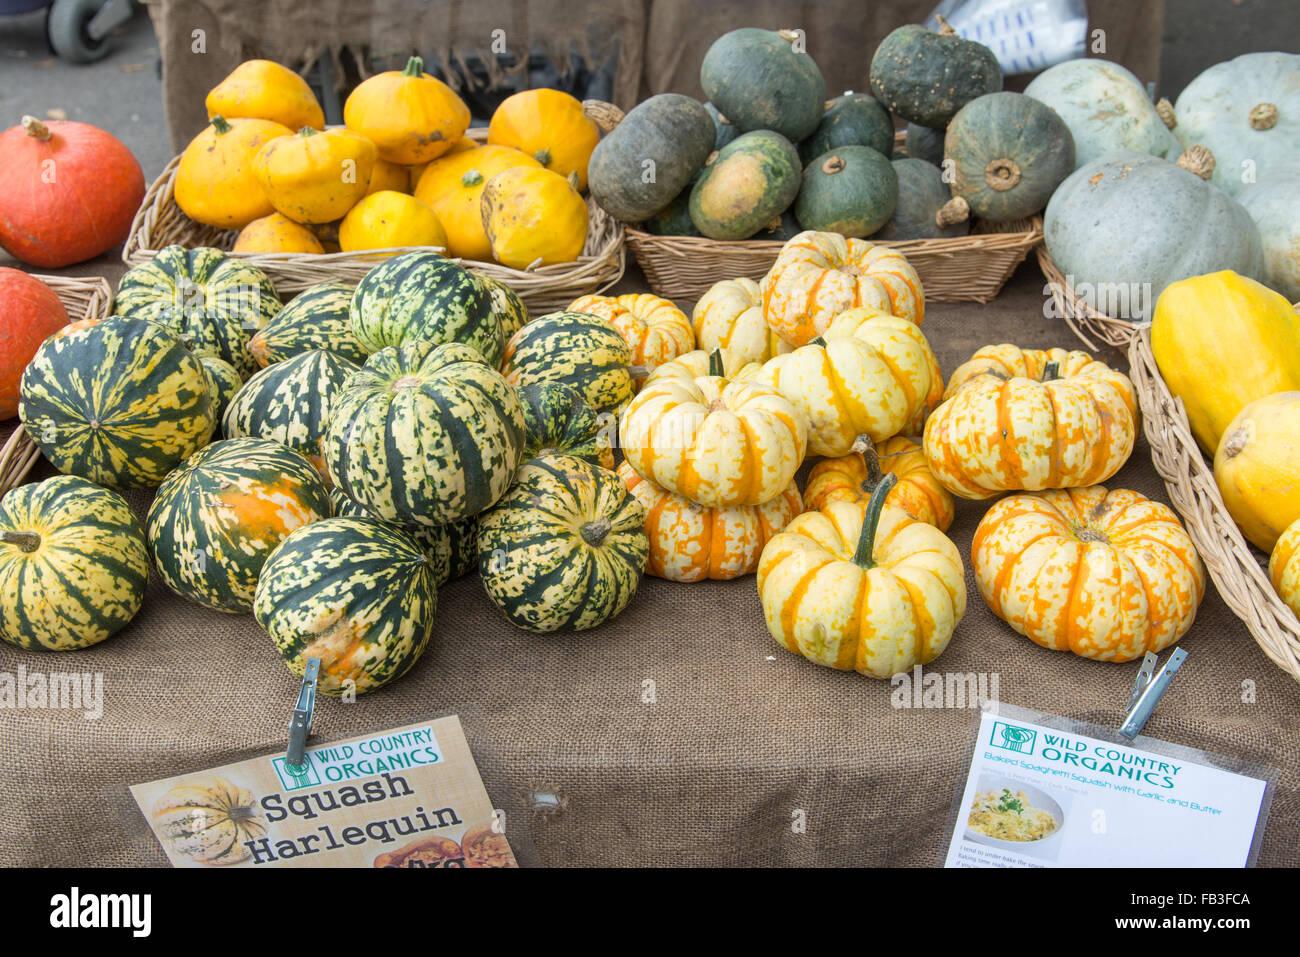 Squash à la vente à un marché de producteurs biologiques vegetable stall, London, England, UK Photo Stock